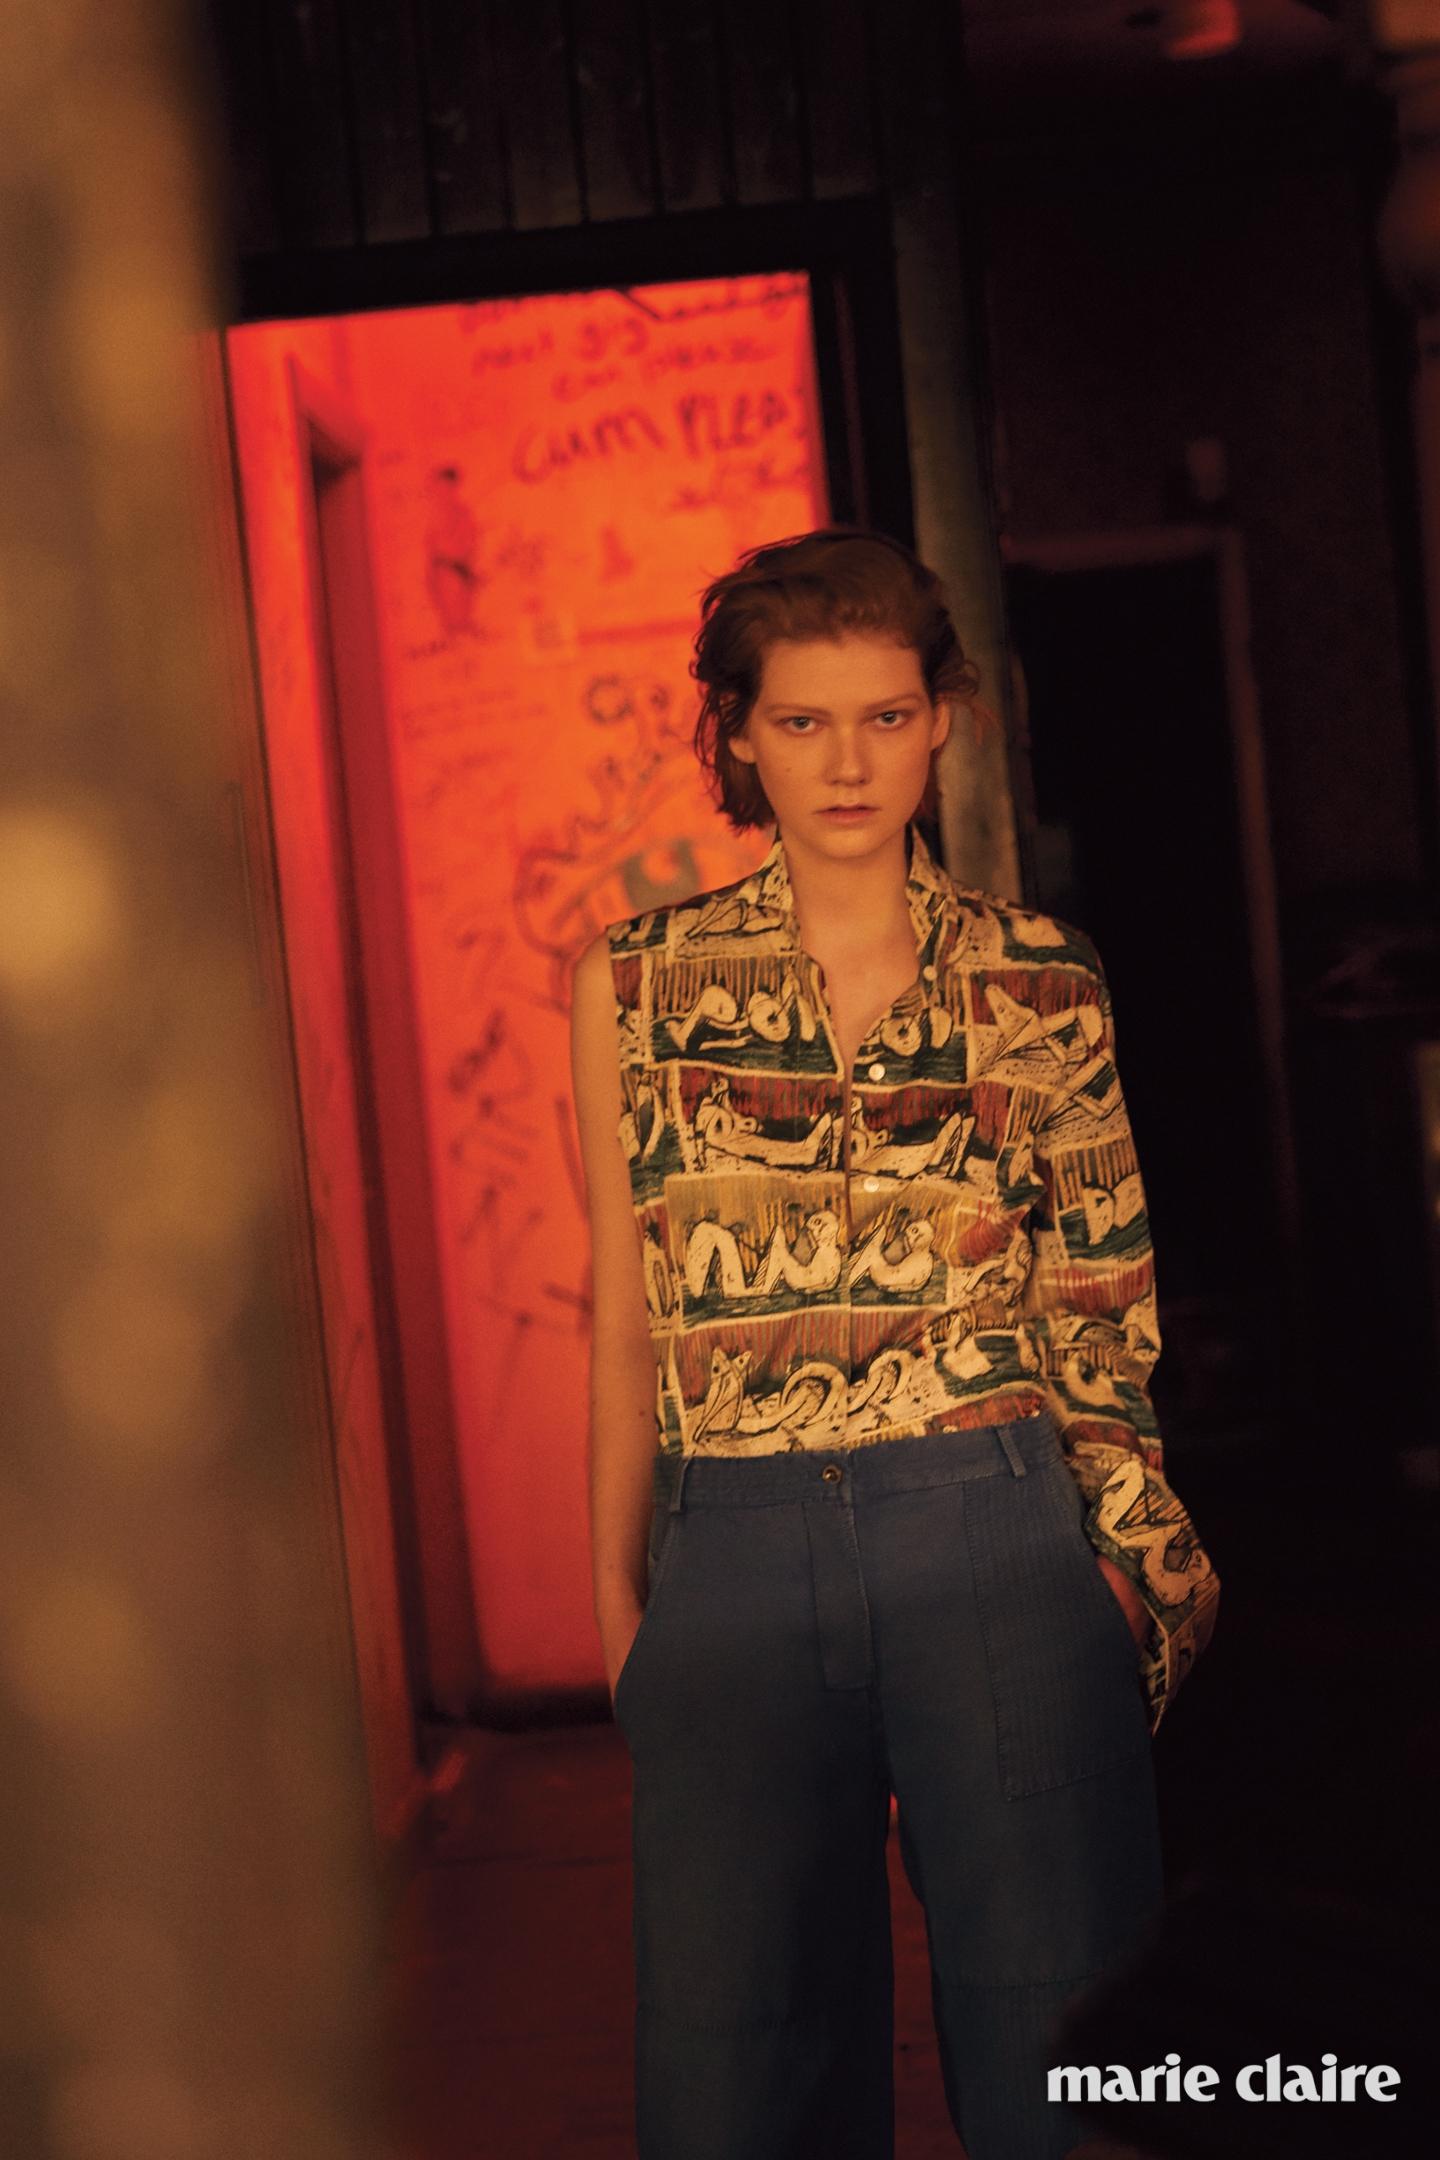 데님 팬츠와 비대칭 소매가 특징인 프린트 셔츠 모두 버버리(Burberry).